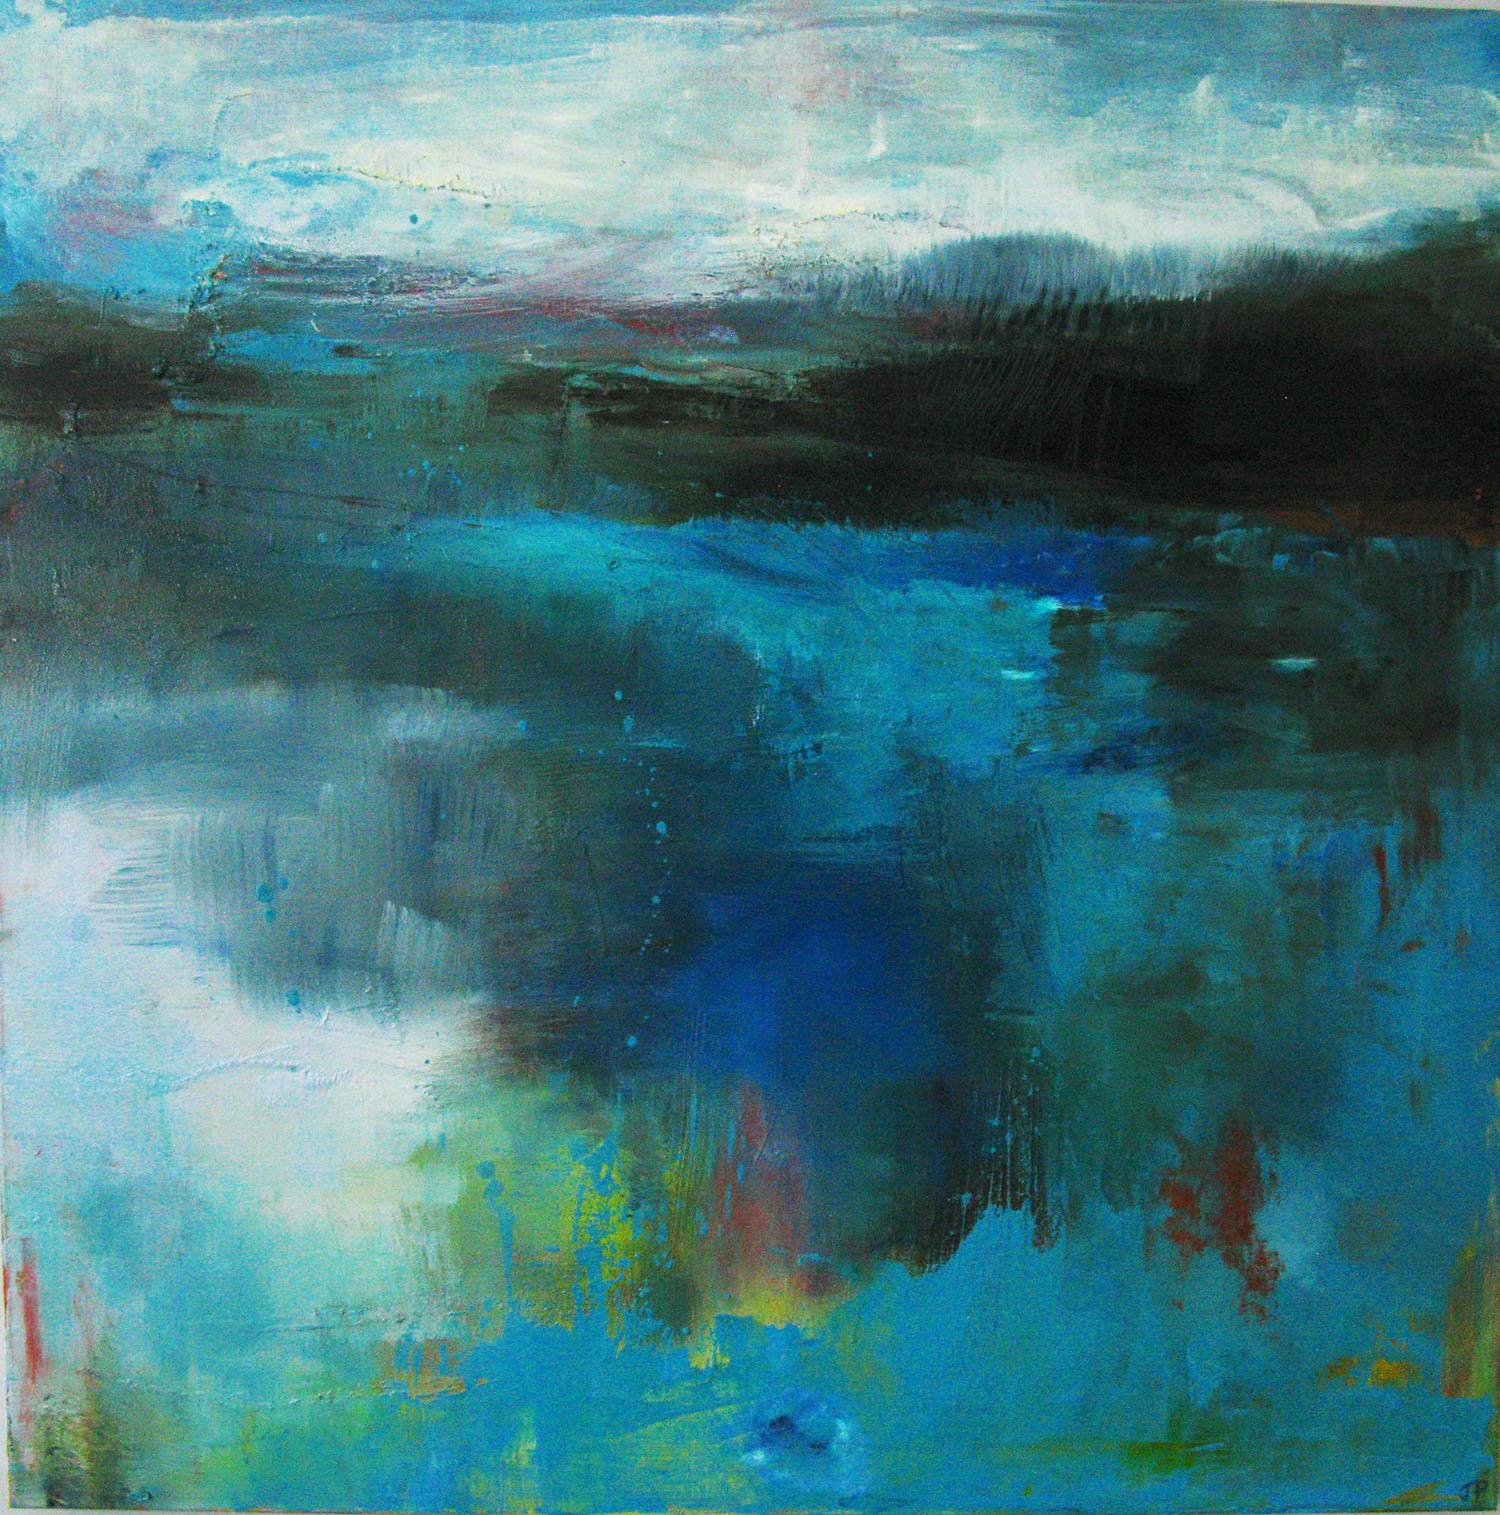 Tranquility by Julia Poulton